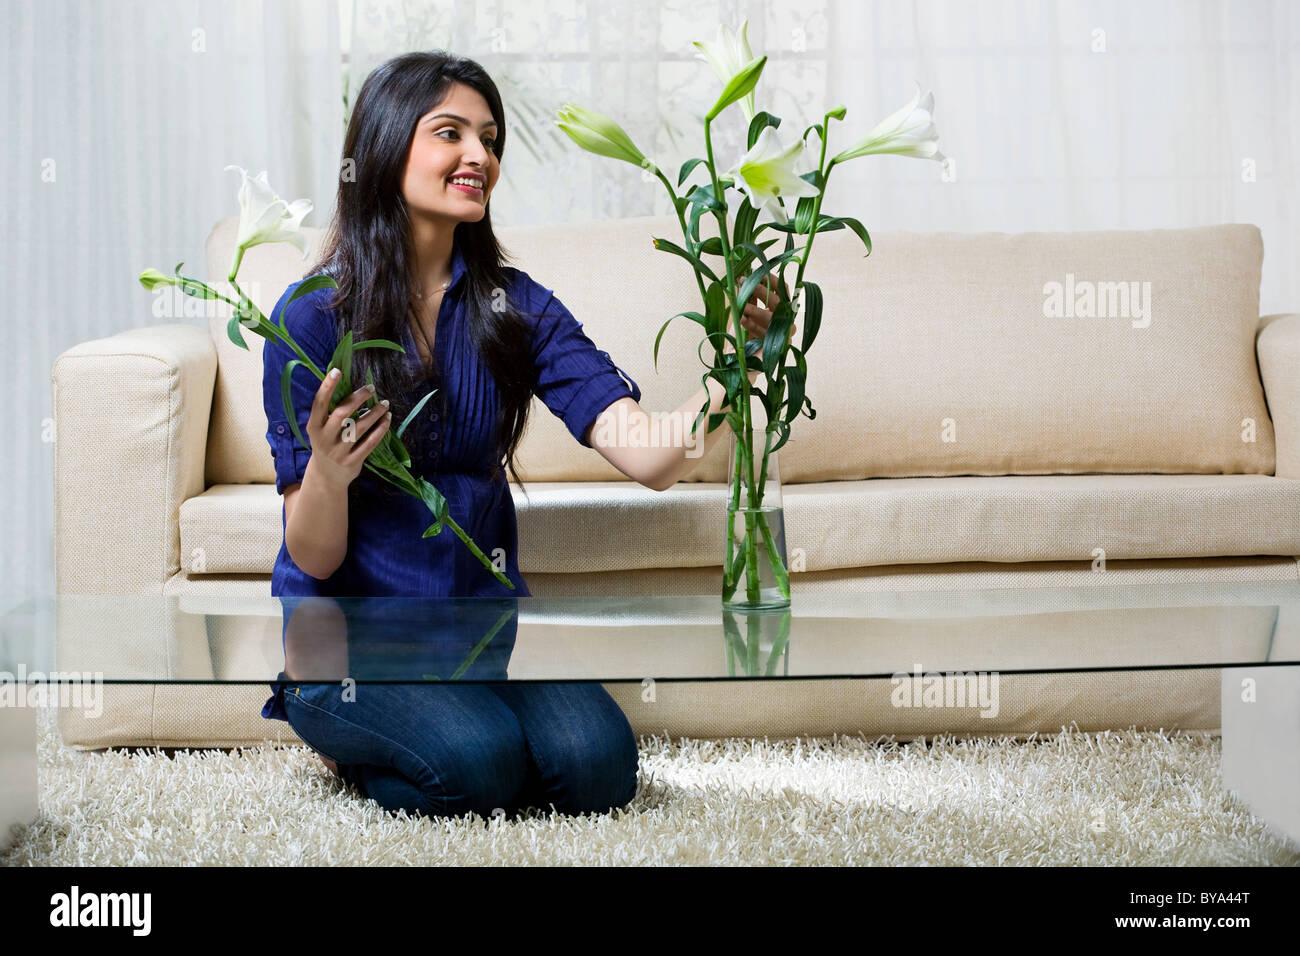 Giovane donna disponendo dei fiori in un vaso Immagini Stock